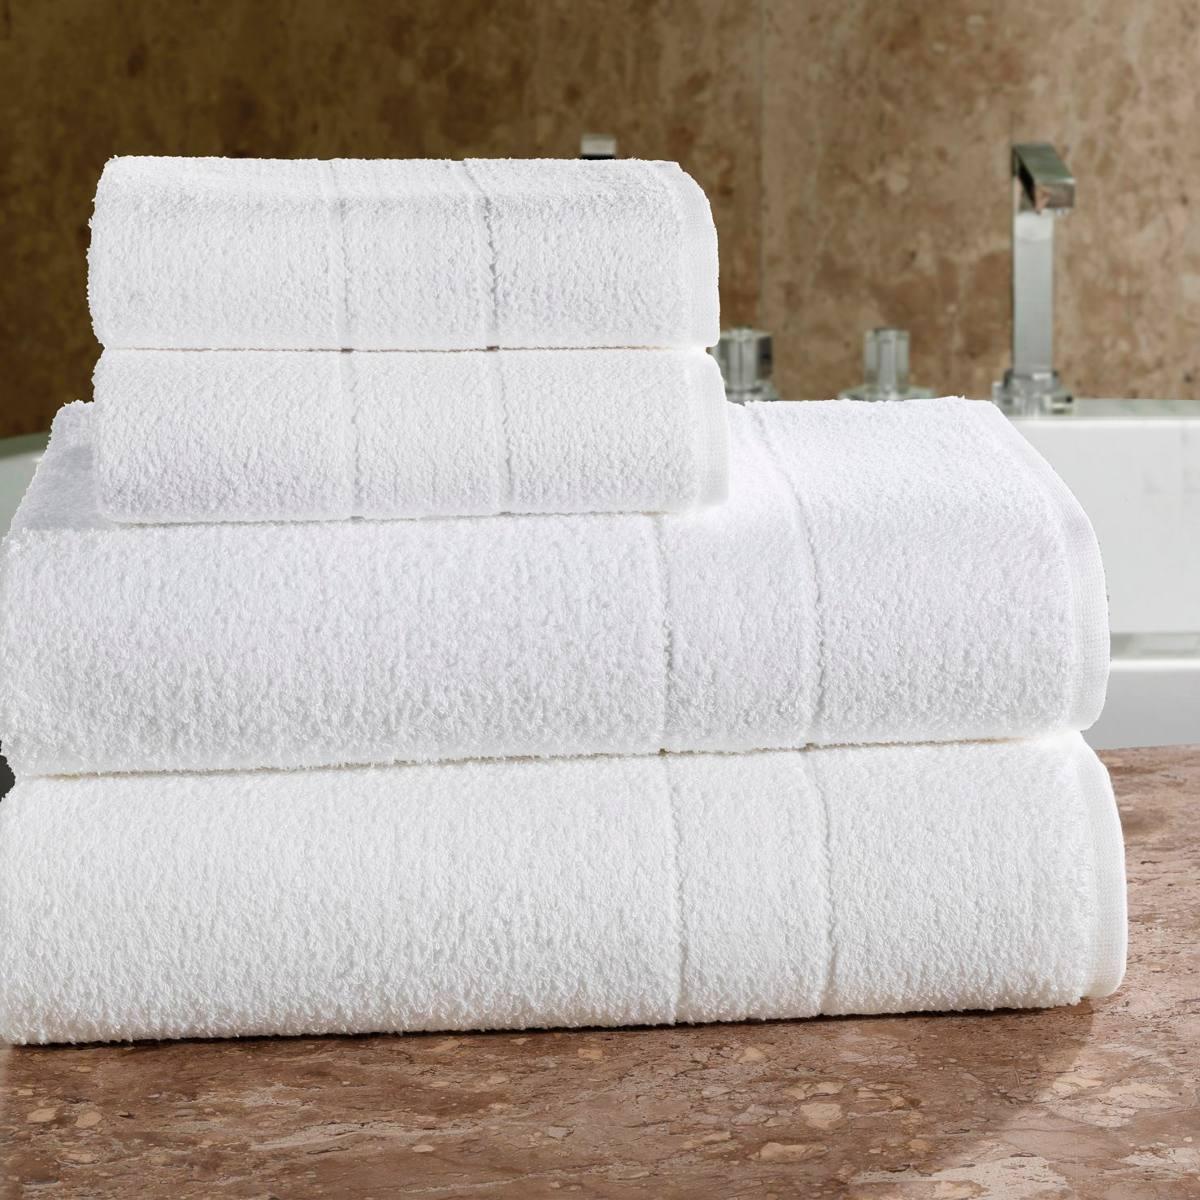 29a283f19 kit 24 toalhas de rosto profissional salão de beleza - teka. Carregando  zoom.